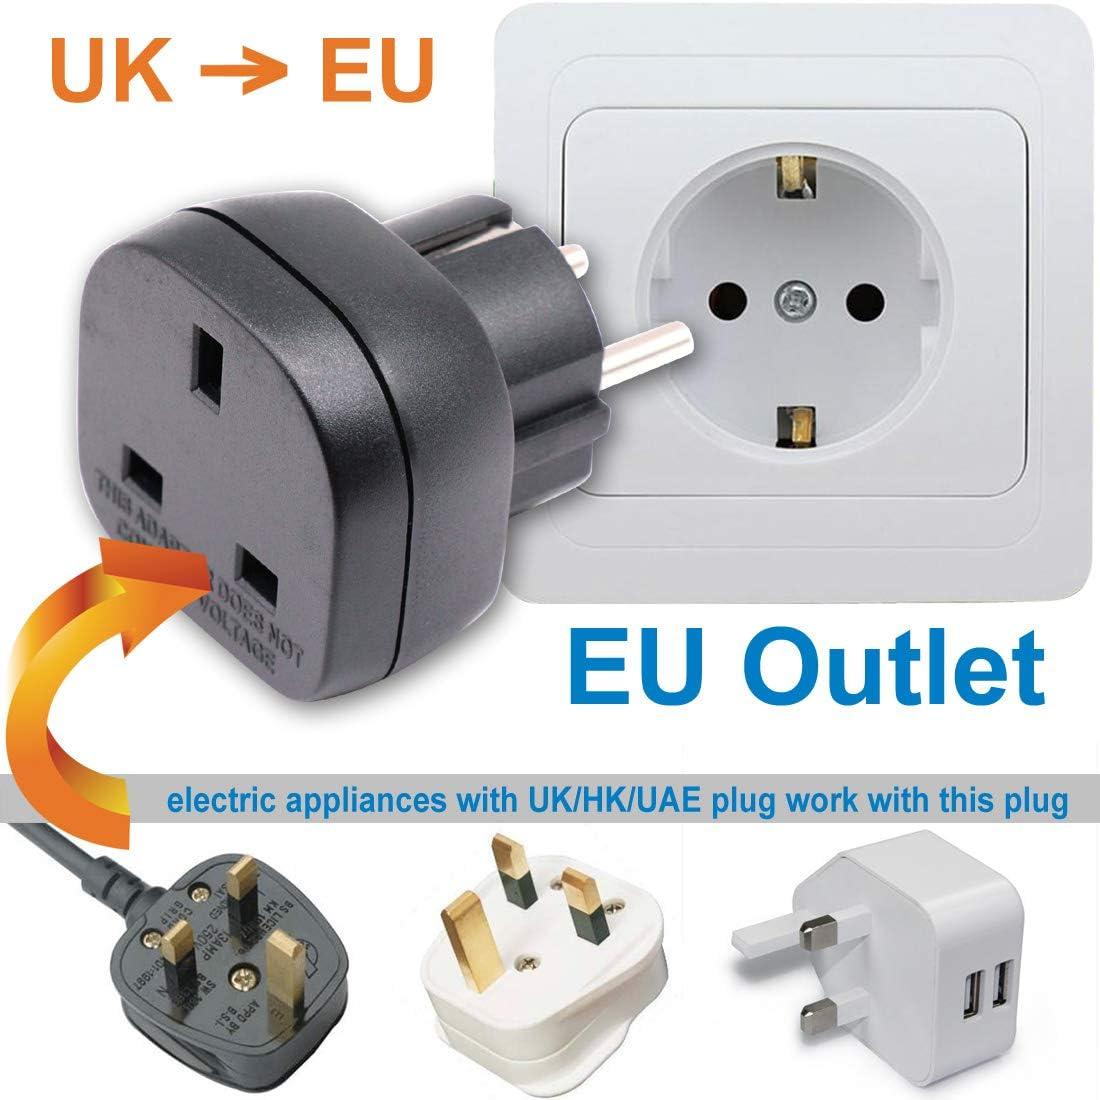 Appareil /électronique 3 Broches UK//HK//UAE /à Adaptateur Femelle EU 2 Broches Avec Obturateur de S/écurit/é 1 Pi/èce, Noir BS 8546 Approuv/é UK /à EU//DE//FR//FR//IT//ES Adaptateur Enfichable